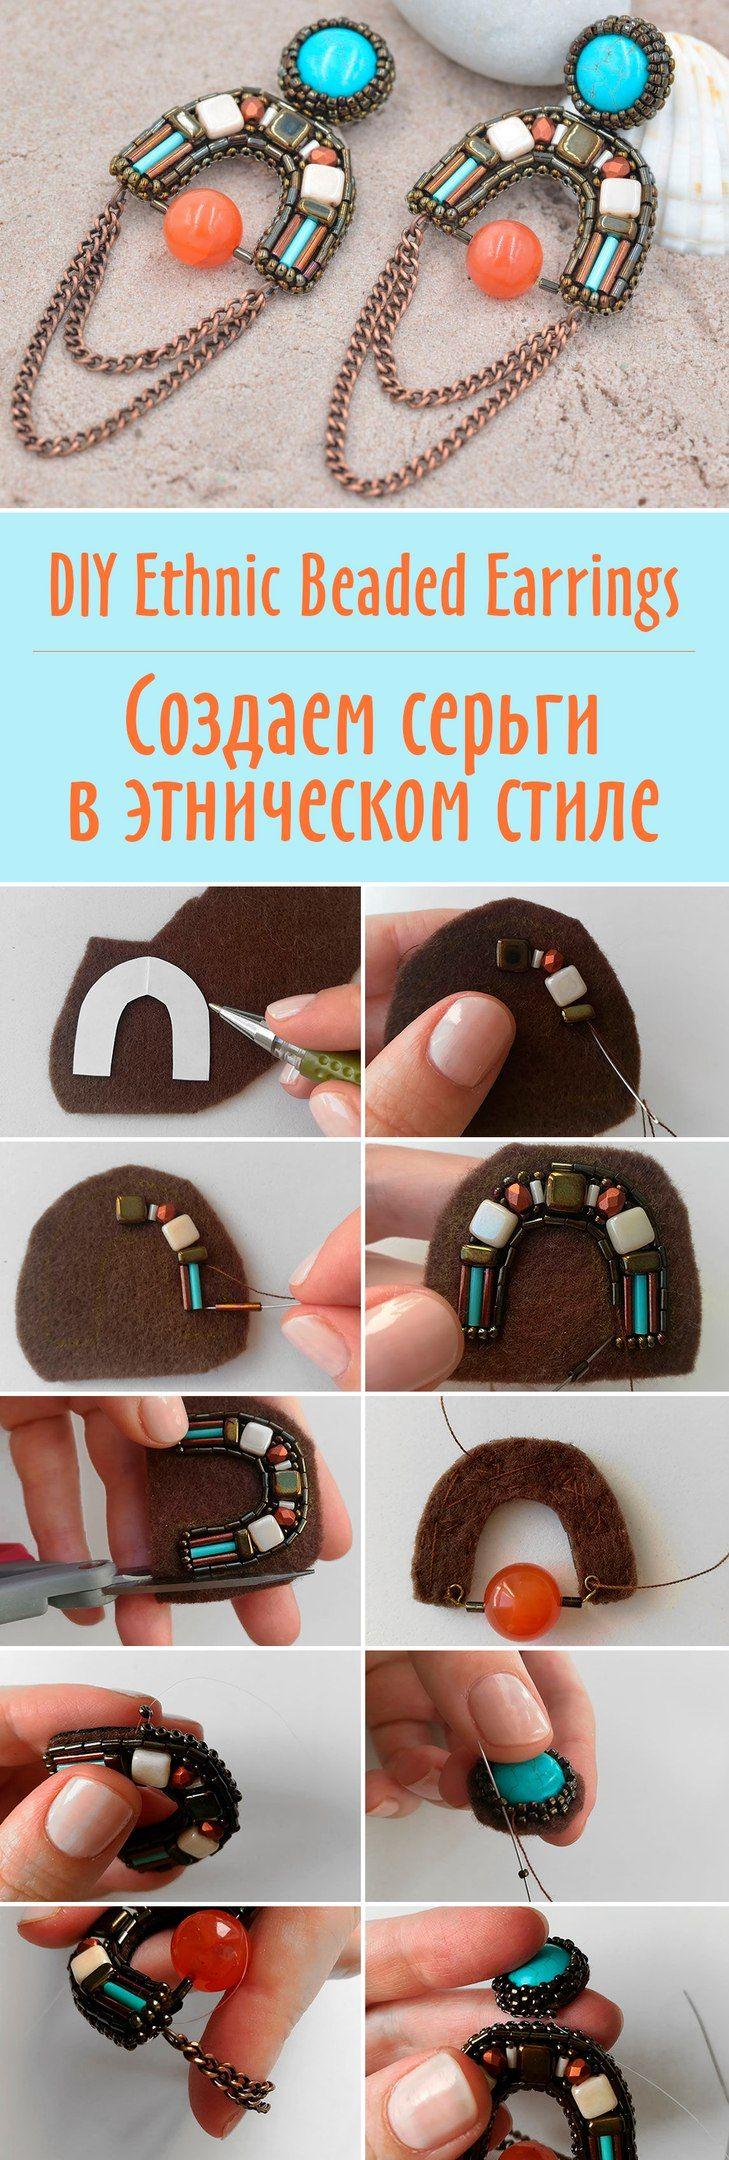 DIY Ethnic Beaded Earrings | Создаем серьги в этническом стиле